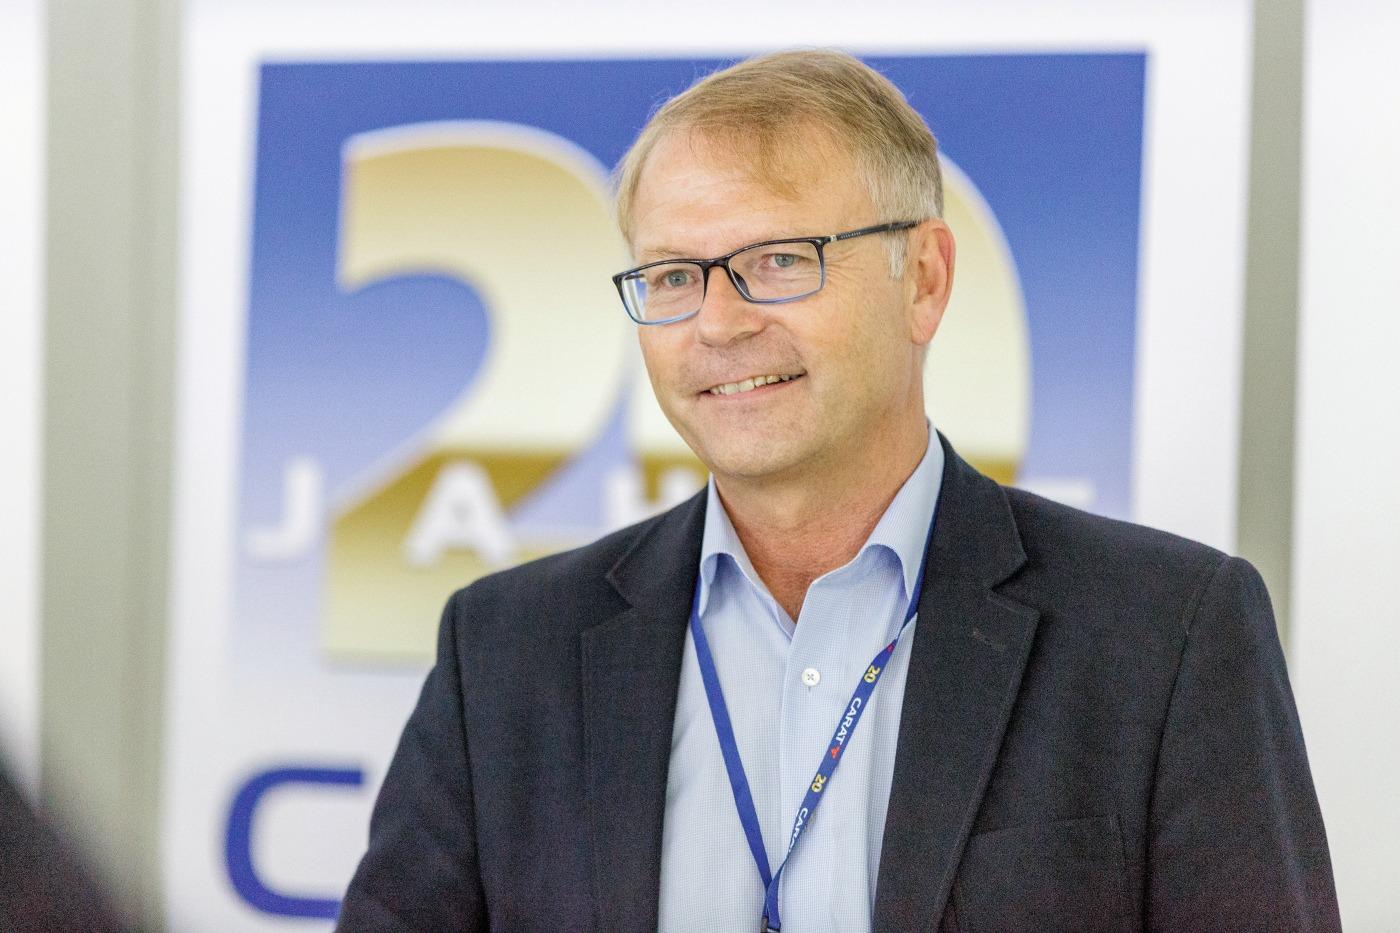 Thomas Vollmar, Geschäftsführer der Carat Unternehmensgruppe